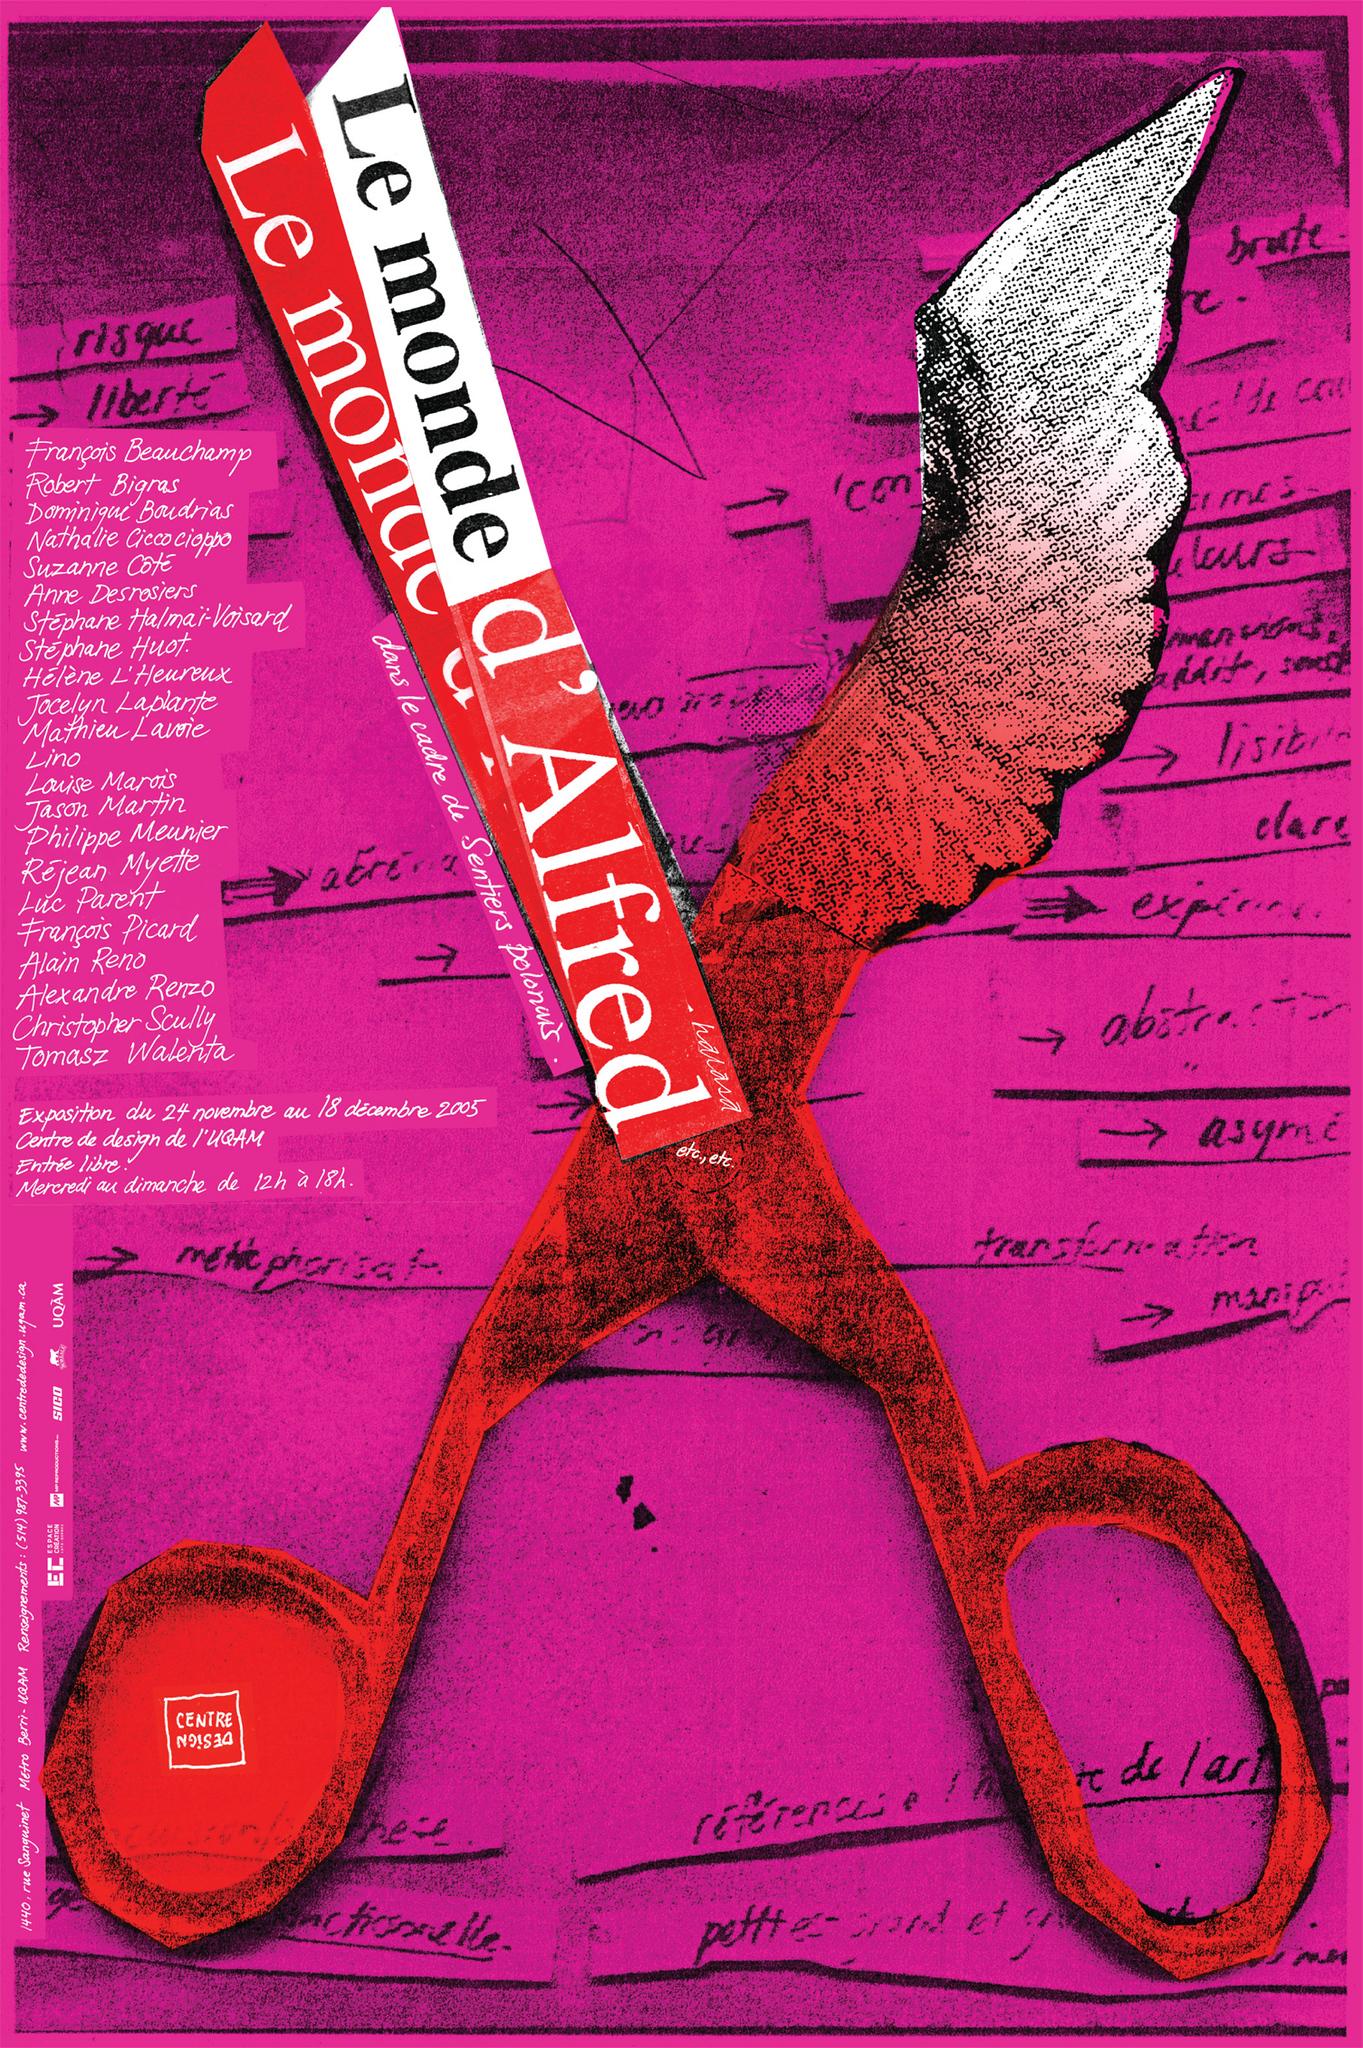 2005 - Exposition - Le monde d'Alfred dans le cadre de Sentiers polonais ©Alfred Halasa